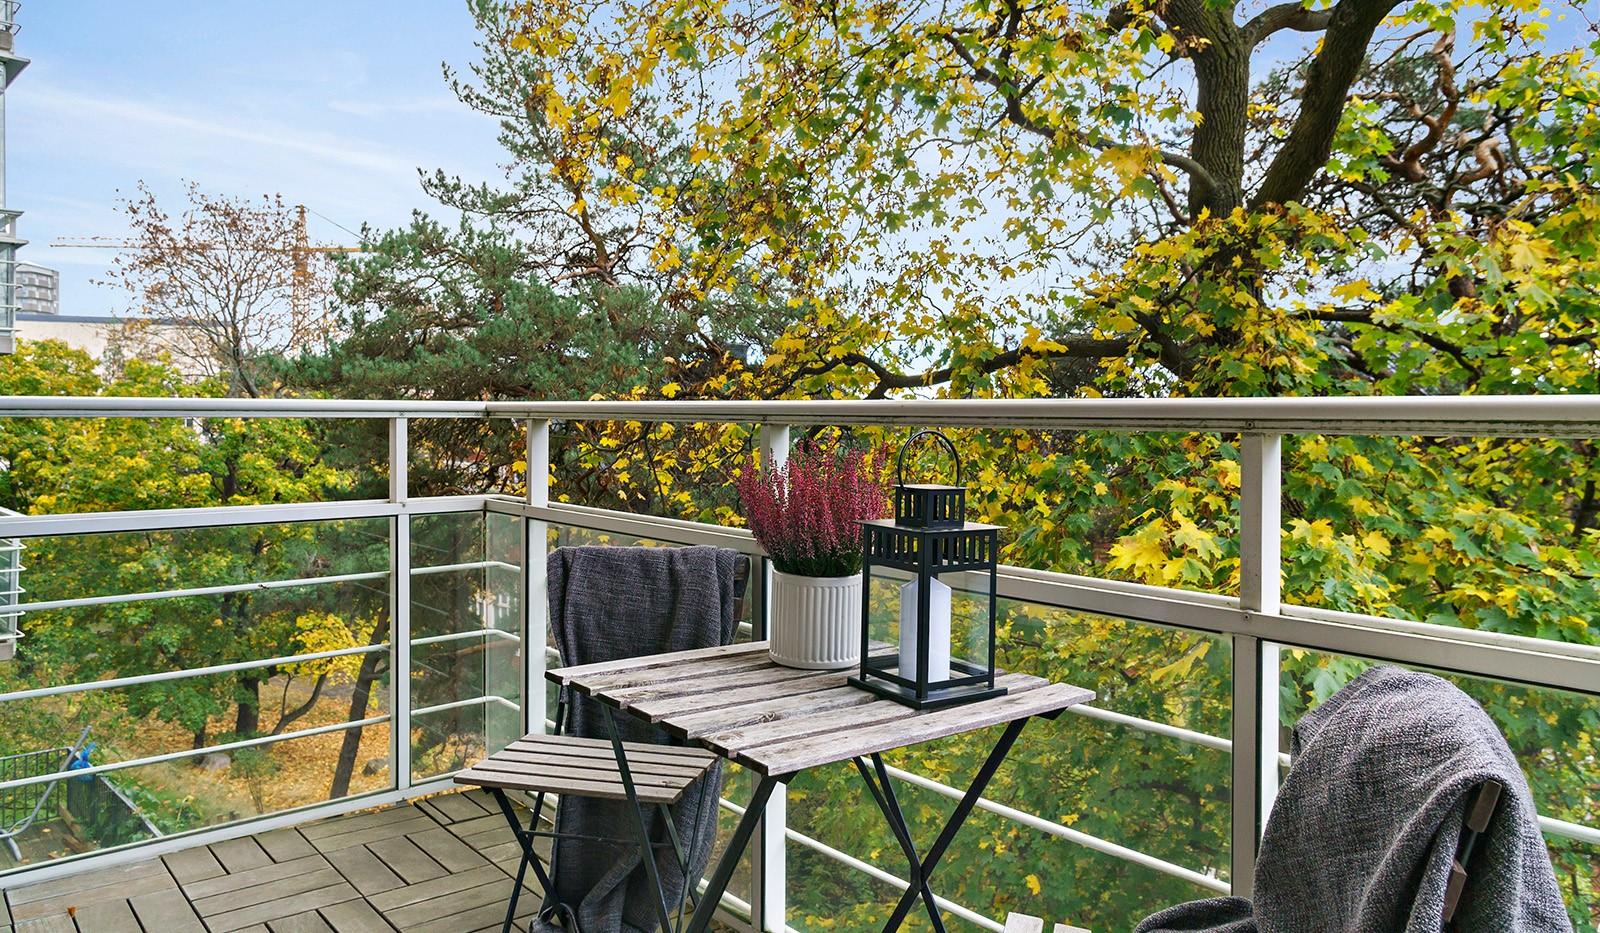 Hildebergsvägen 16, 1 tr - Njut av underbar grönska intill den rymliga balkongen